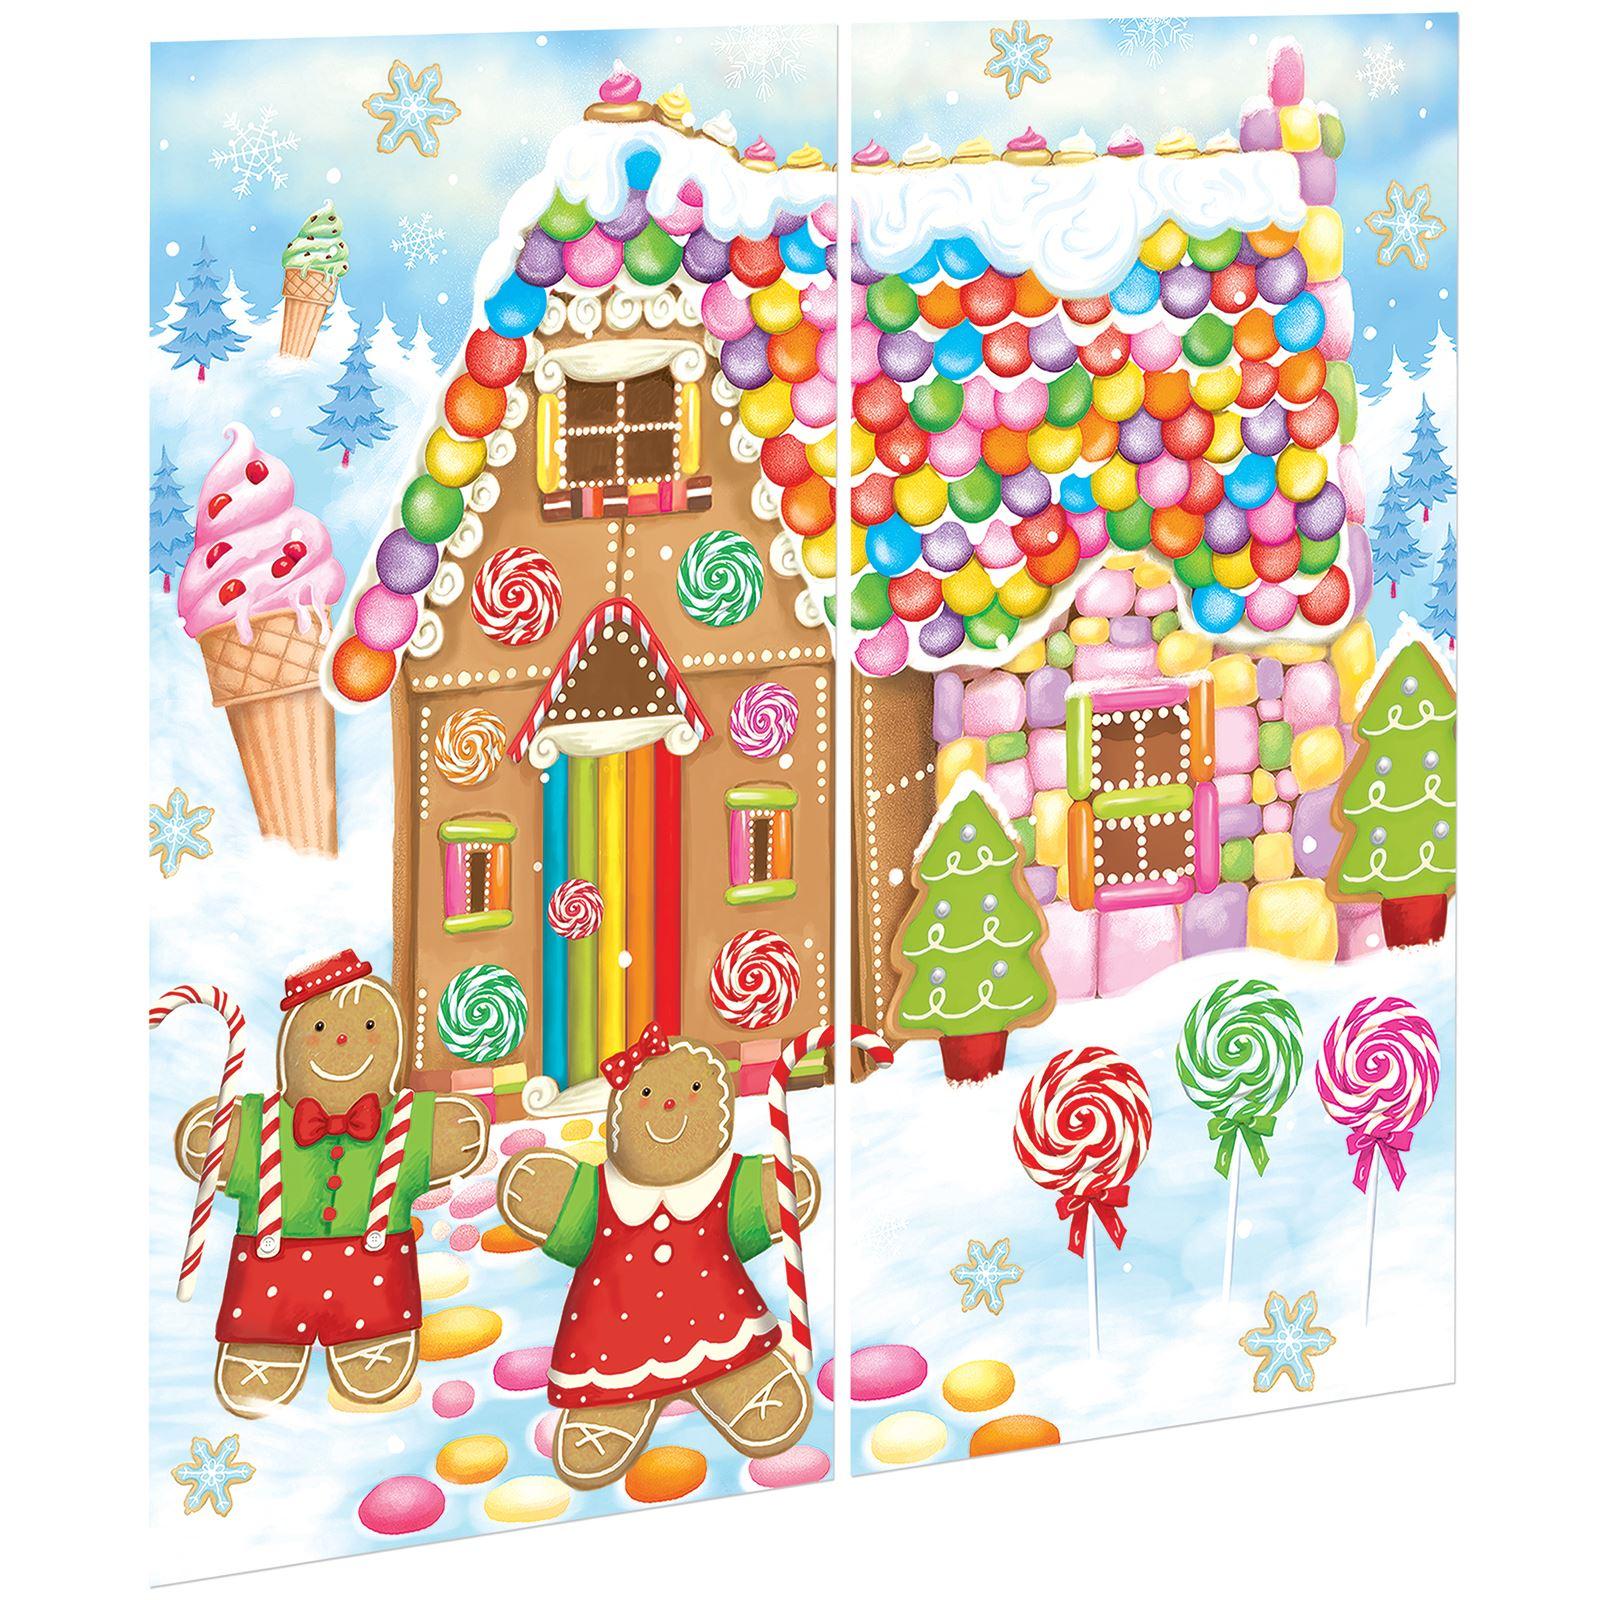 Christmas Gingerbread House.Details About Christmas Gingerbread Sweet House Candy Holiday Hansel Gretel Vinyl Scene Setter